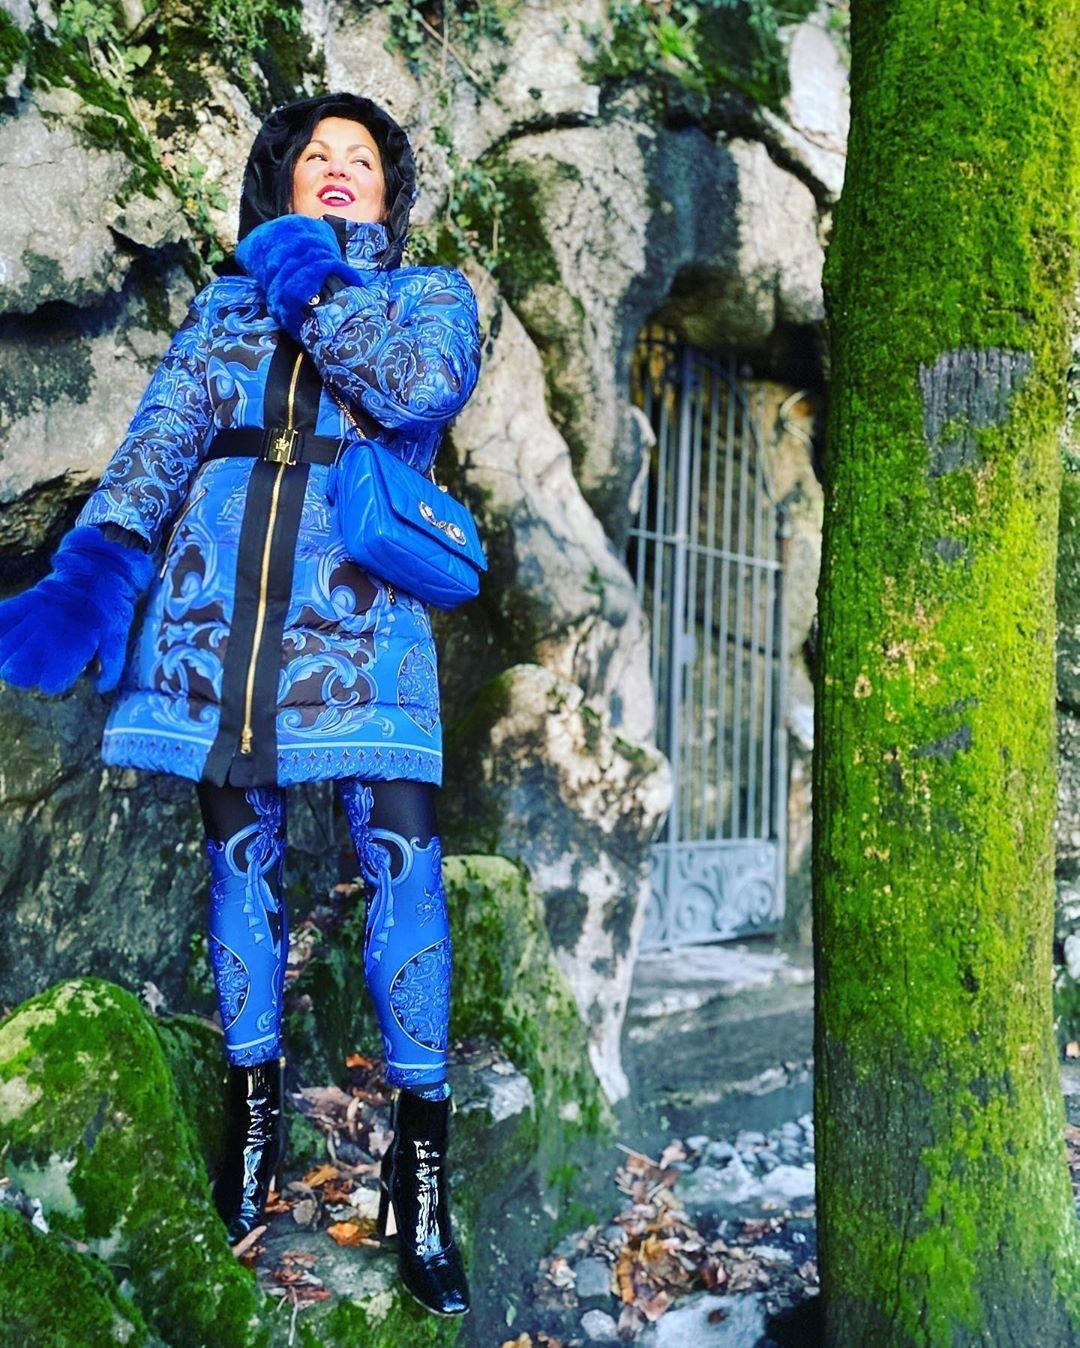 Цвет настроения синий: Анна Нетребко показала дерзкий монохромный образ